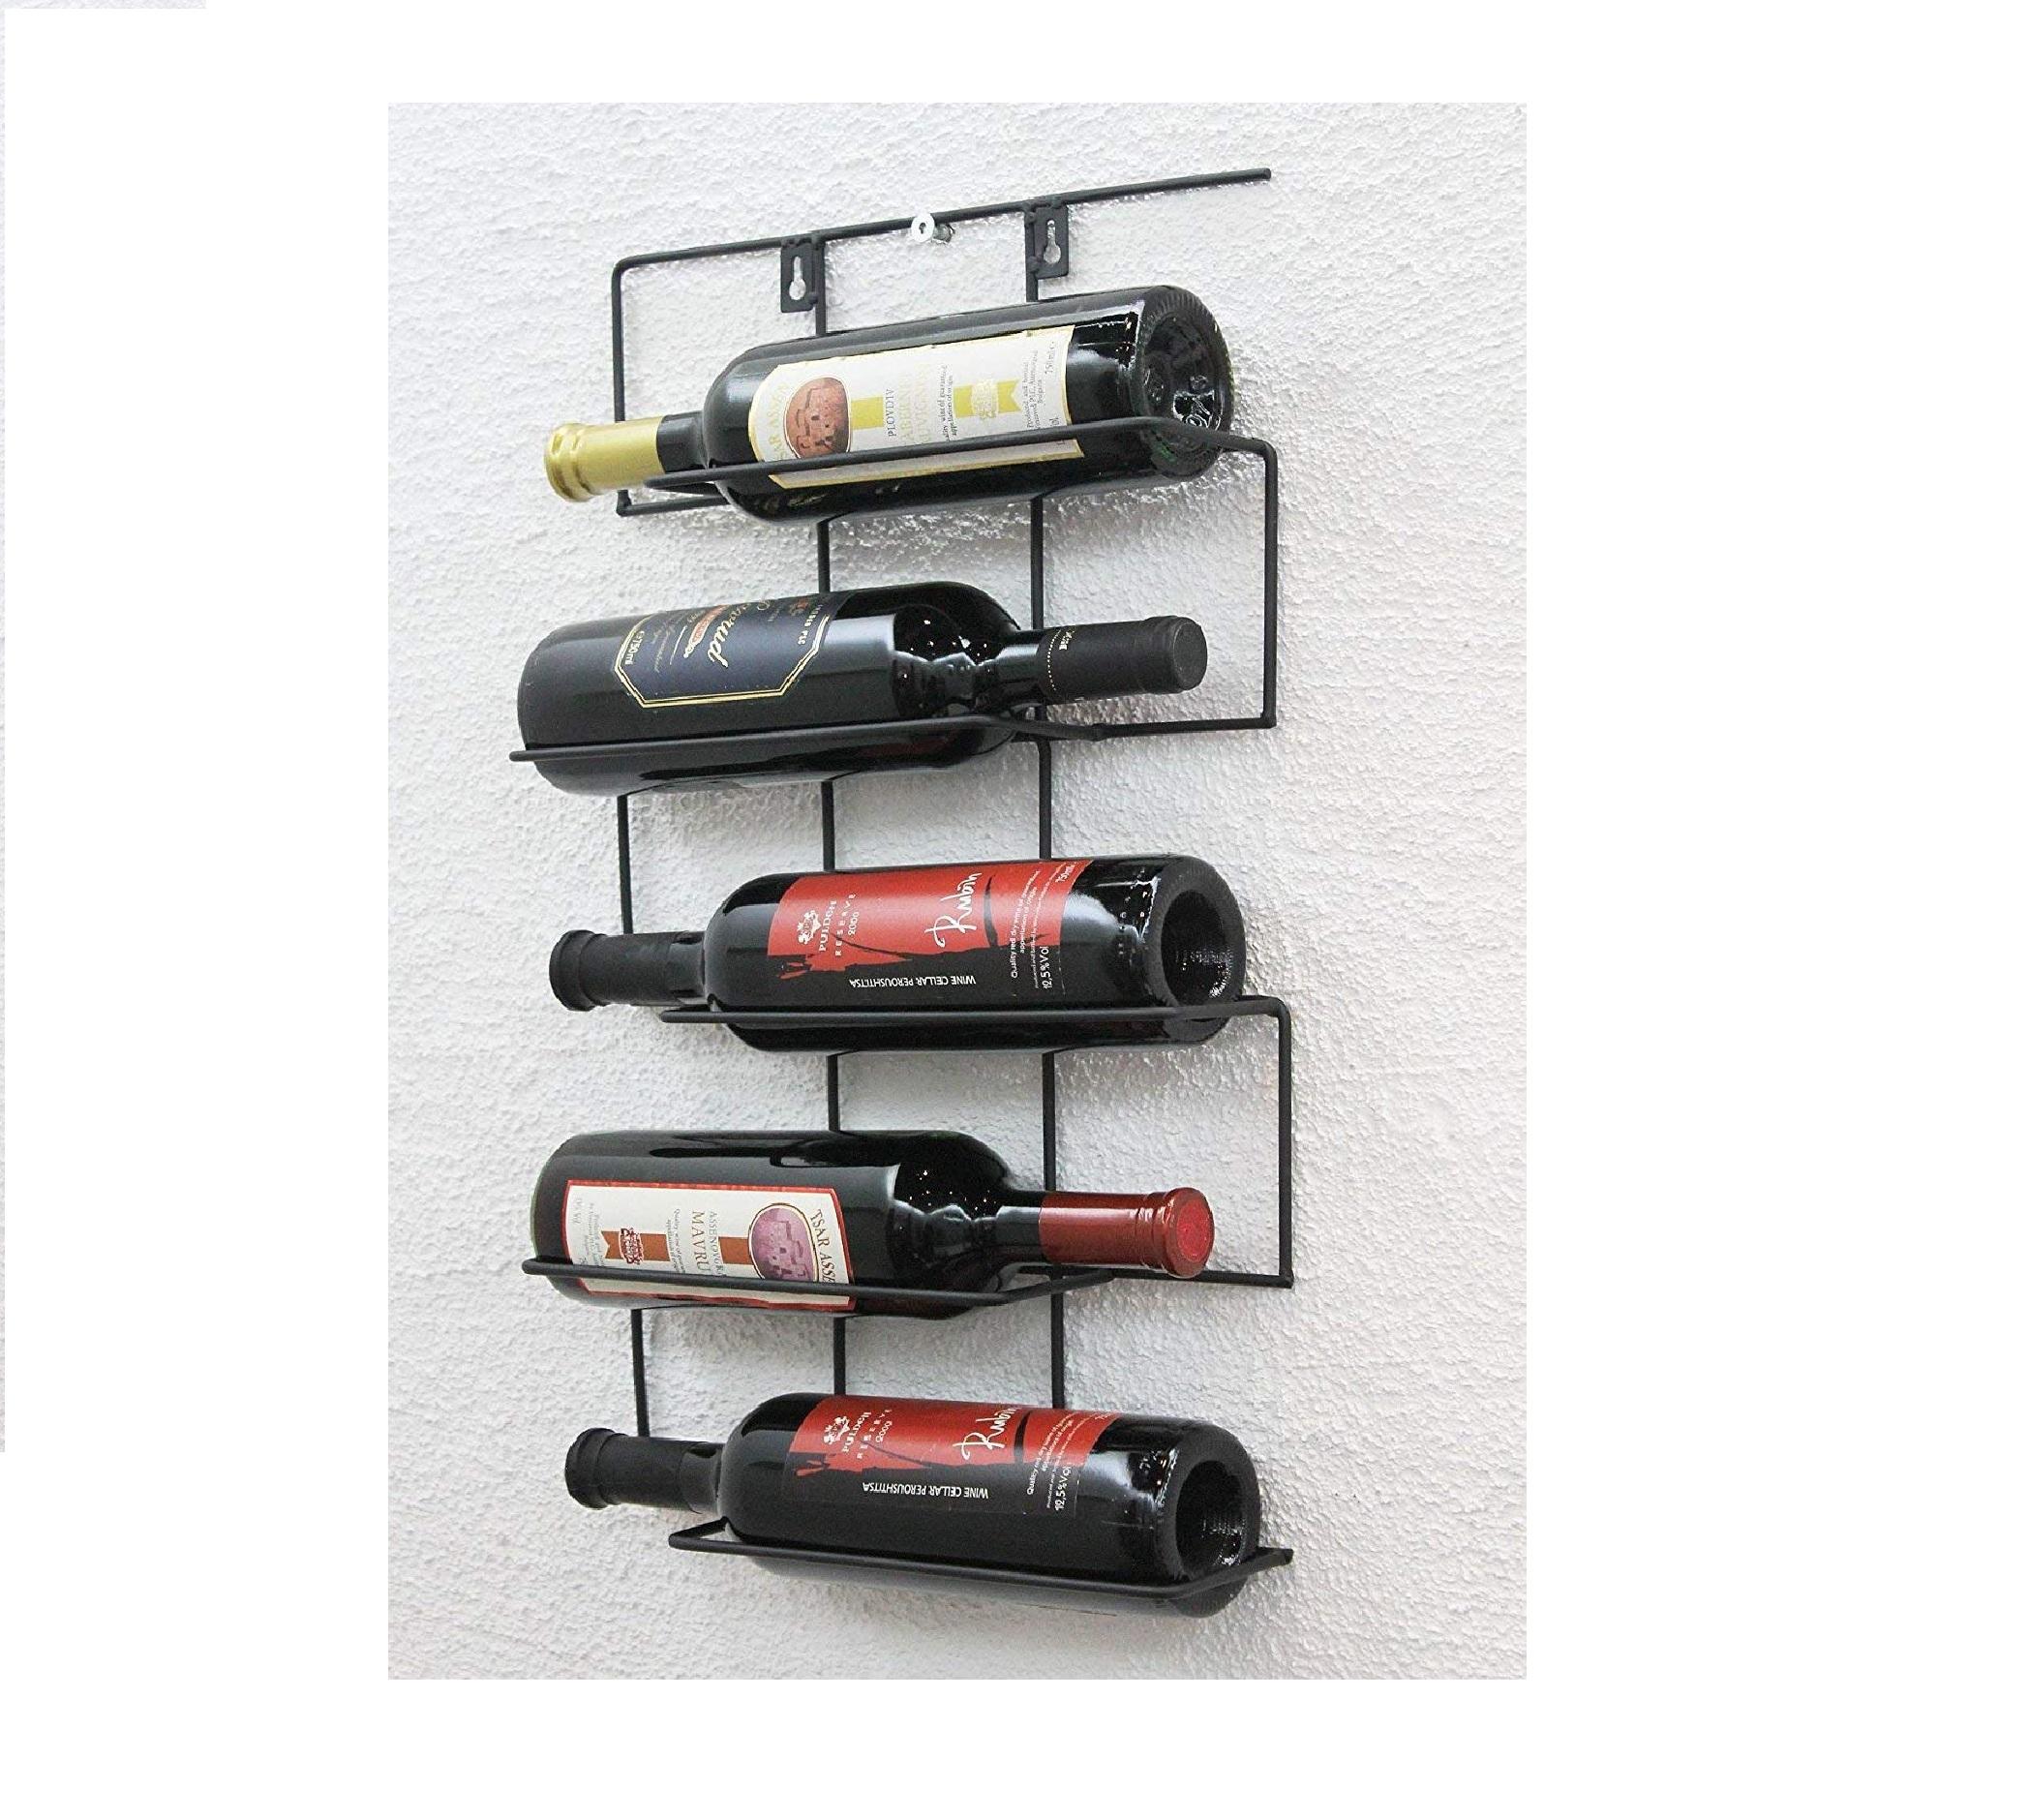 Finden Sie Die Besten Flaschenregal Draht Hersteller Und Flaschenregal Draht Fur German Lautsprechermarkt Bei Alibaba Com